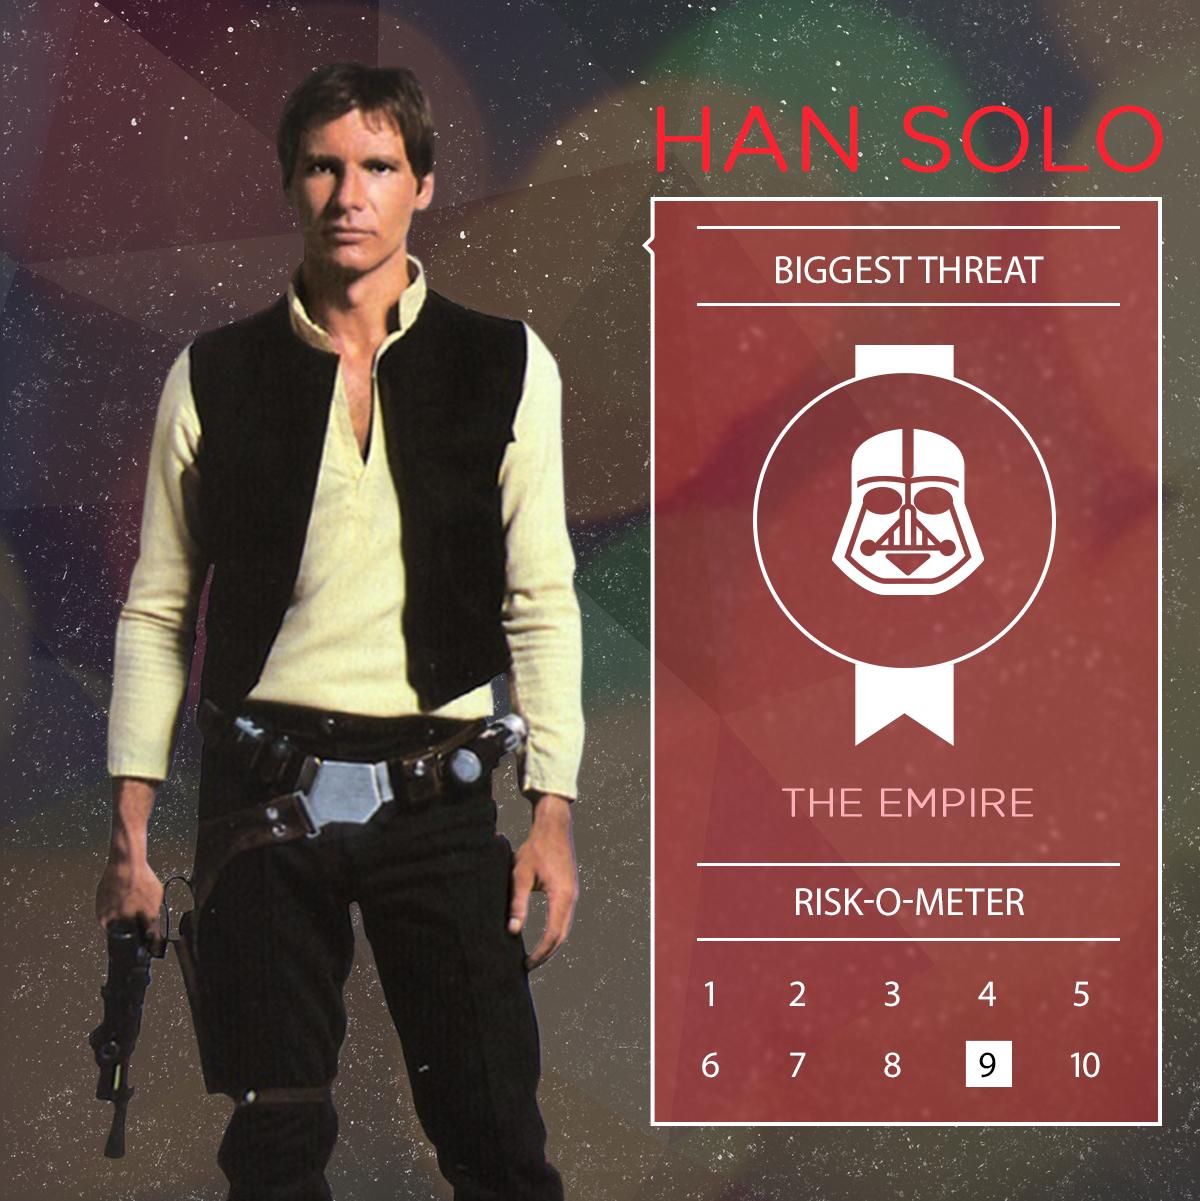 Han Solo - Life Insurance